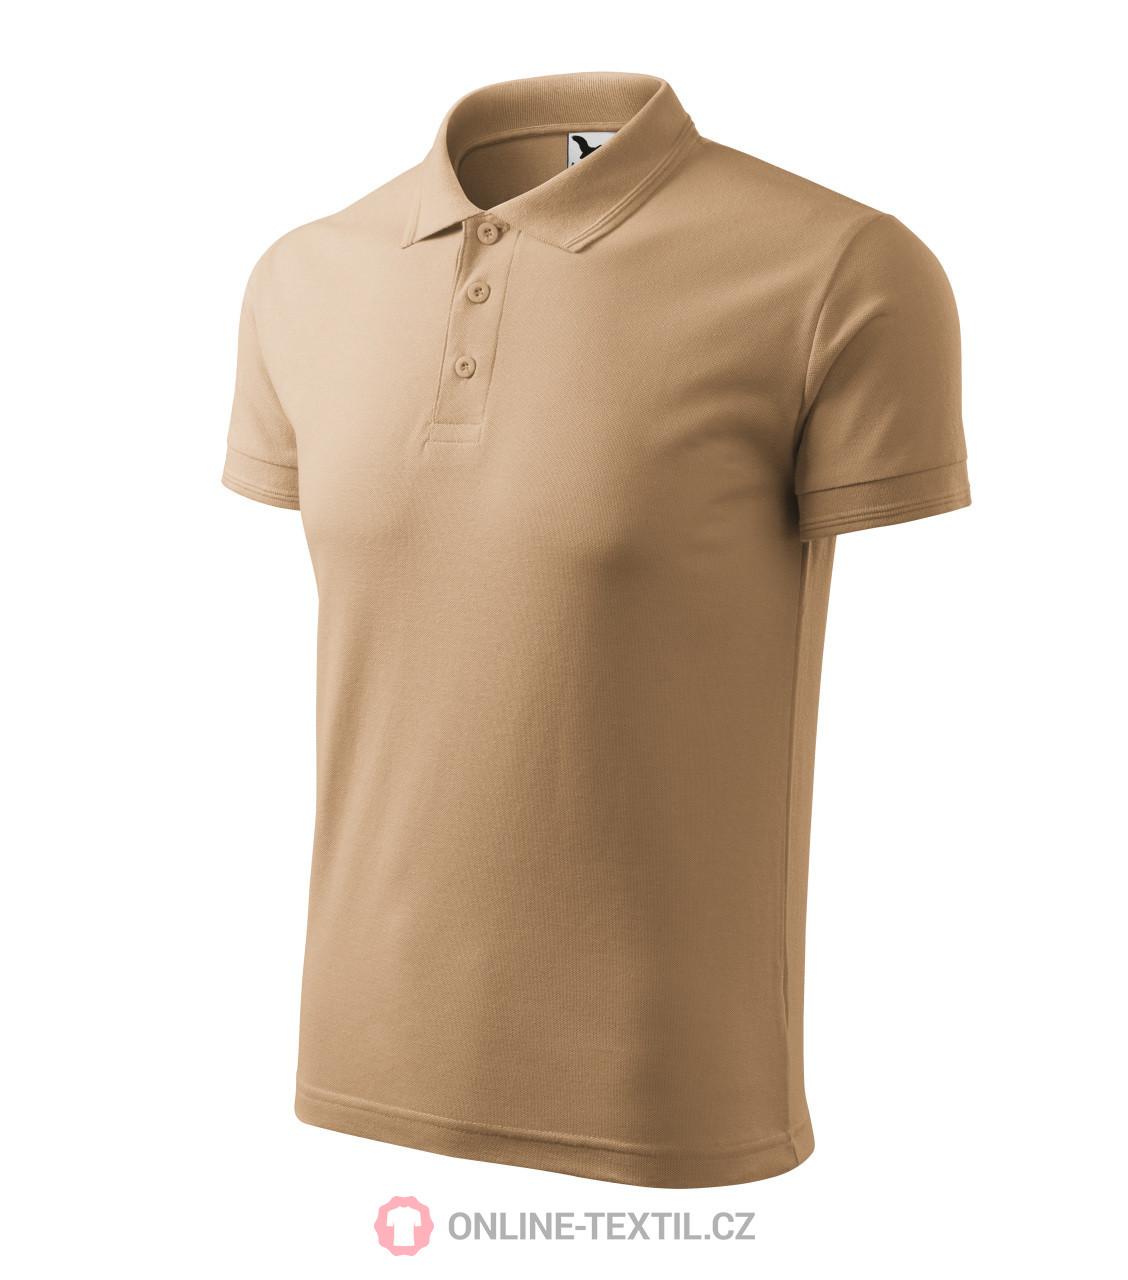 Custom Polo Shirts No Minimum Order